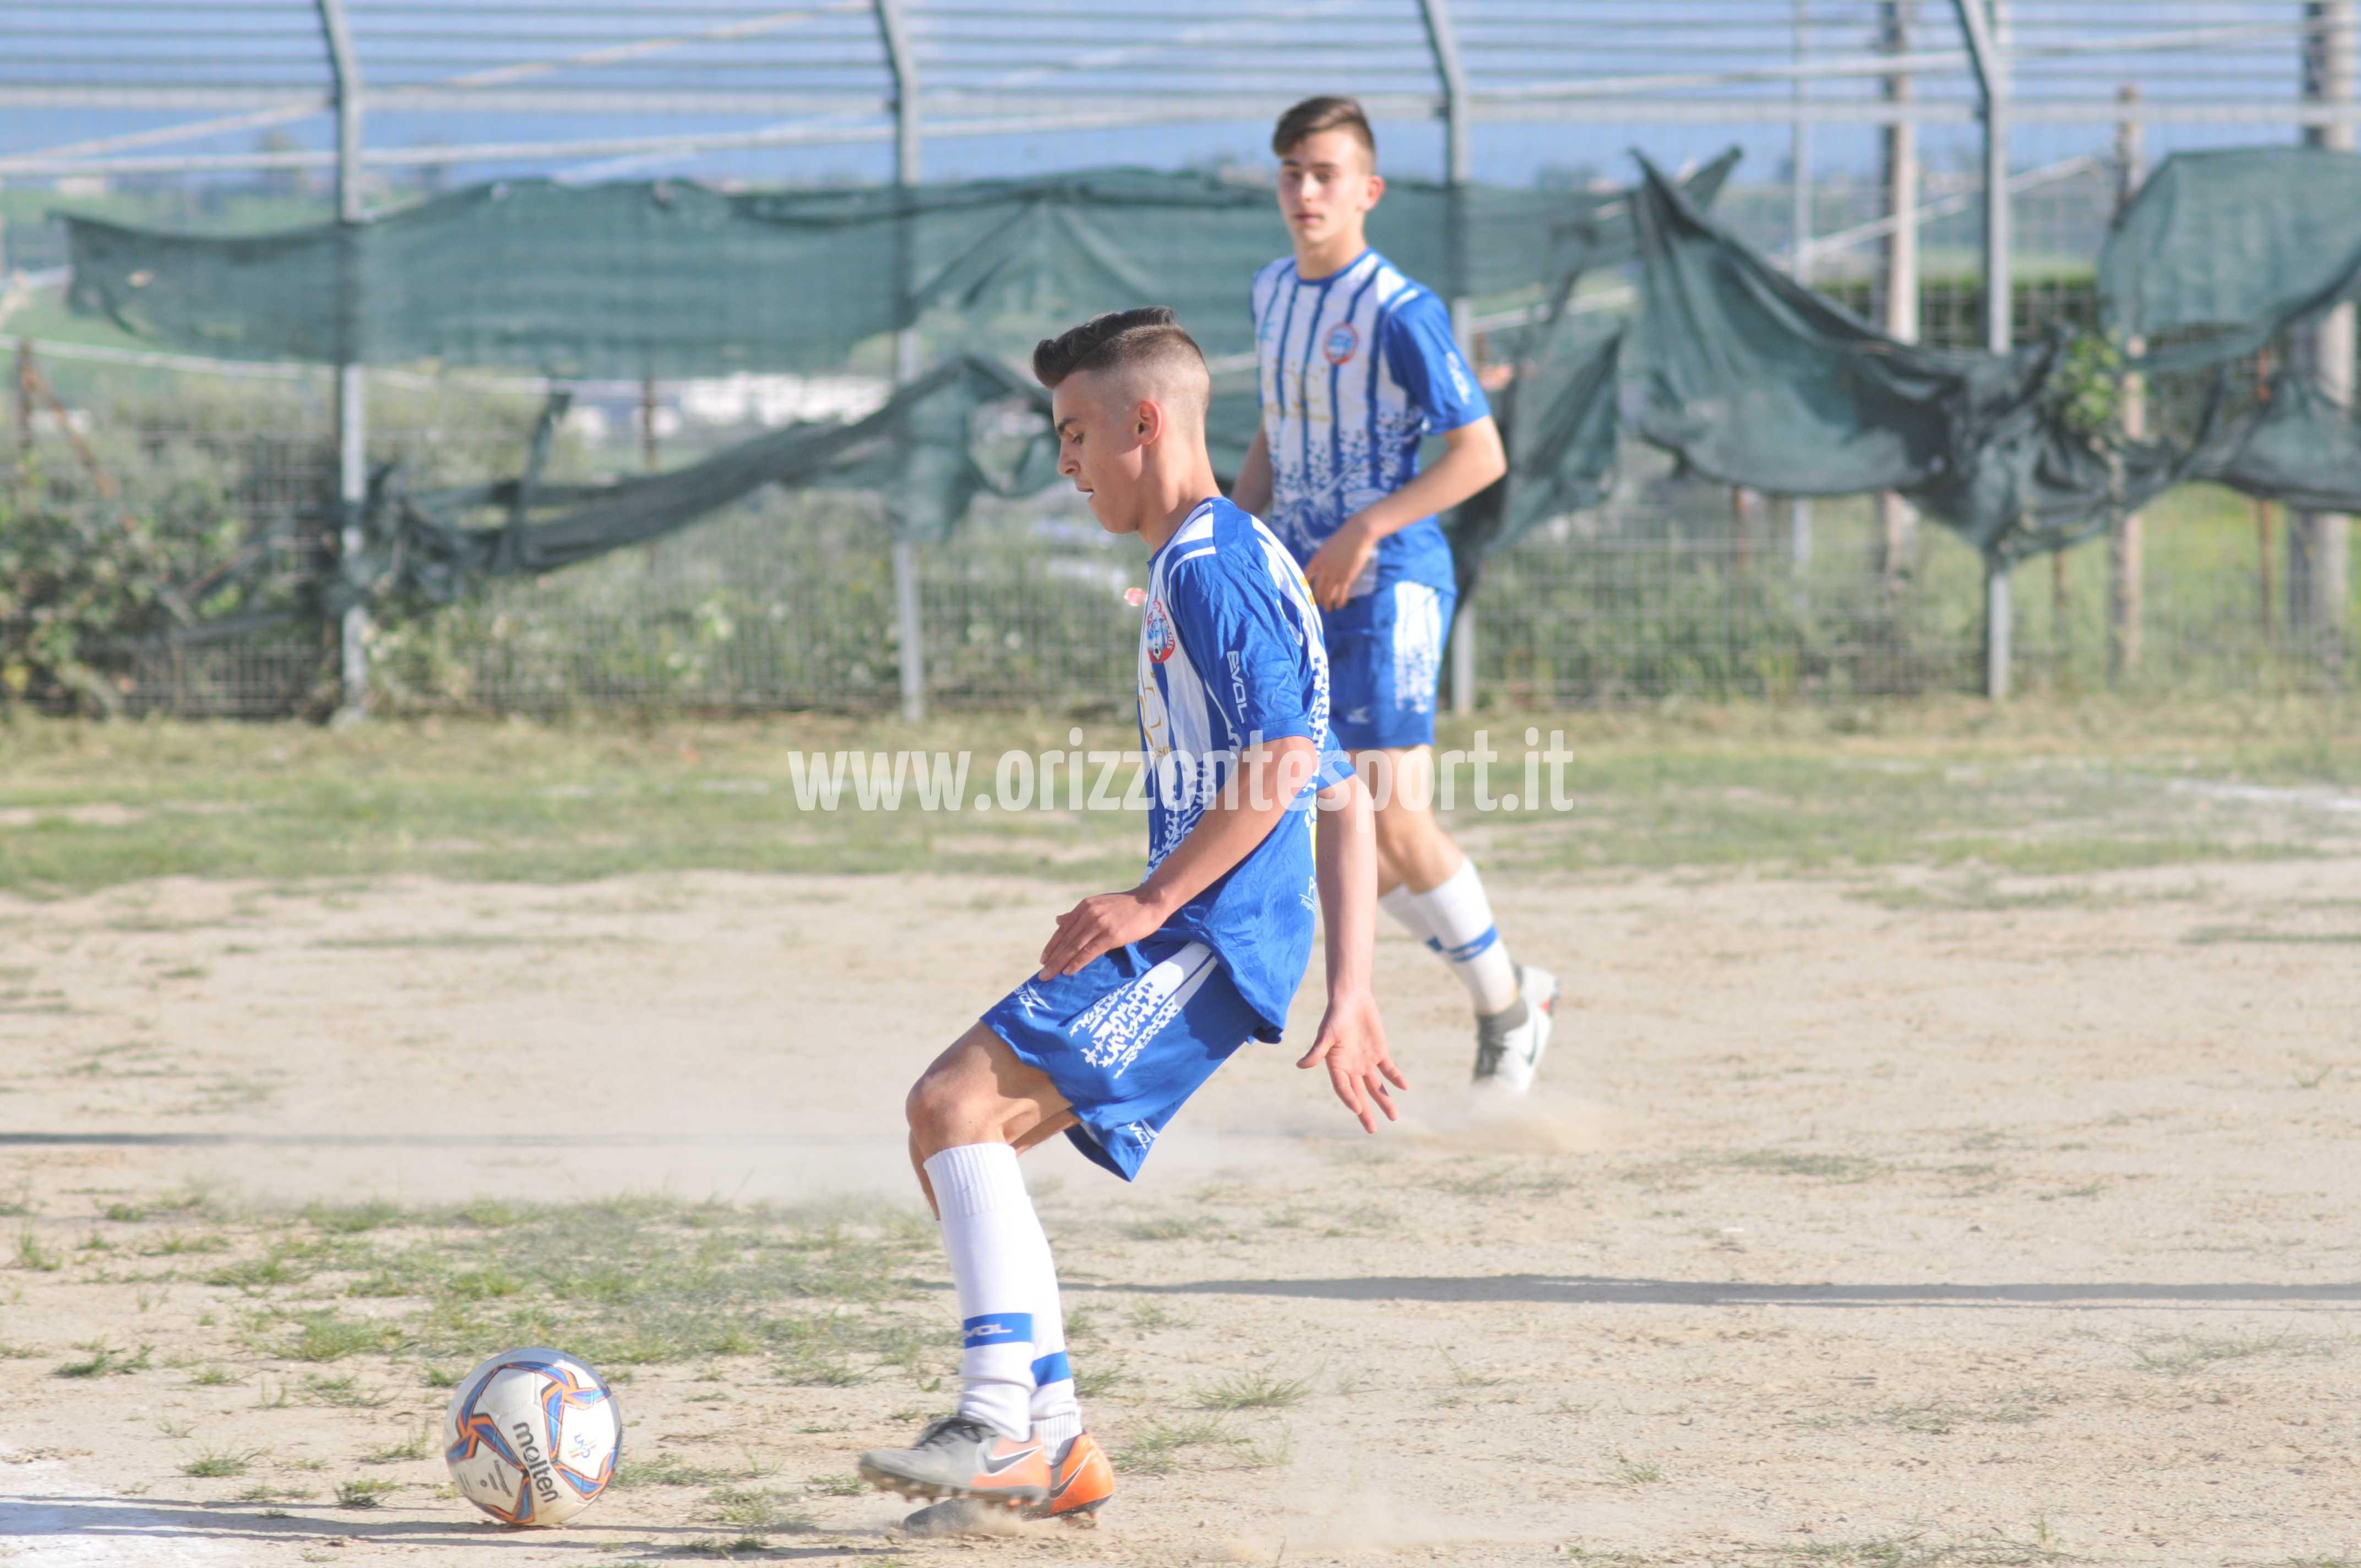 roggiano_cassano (143)